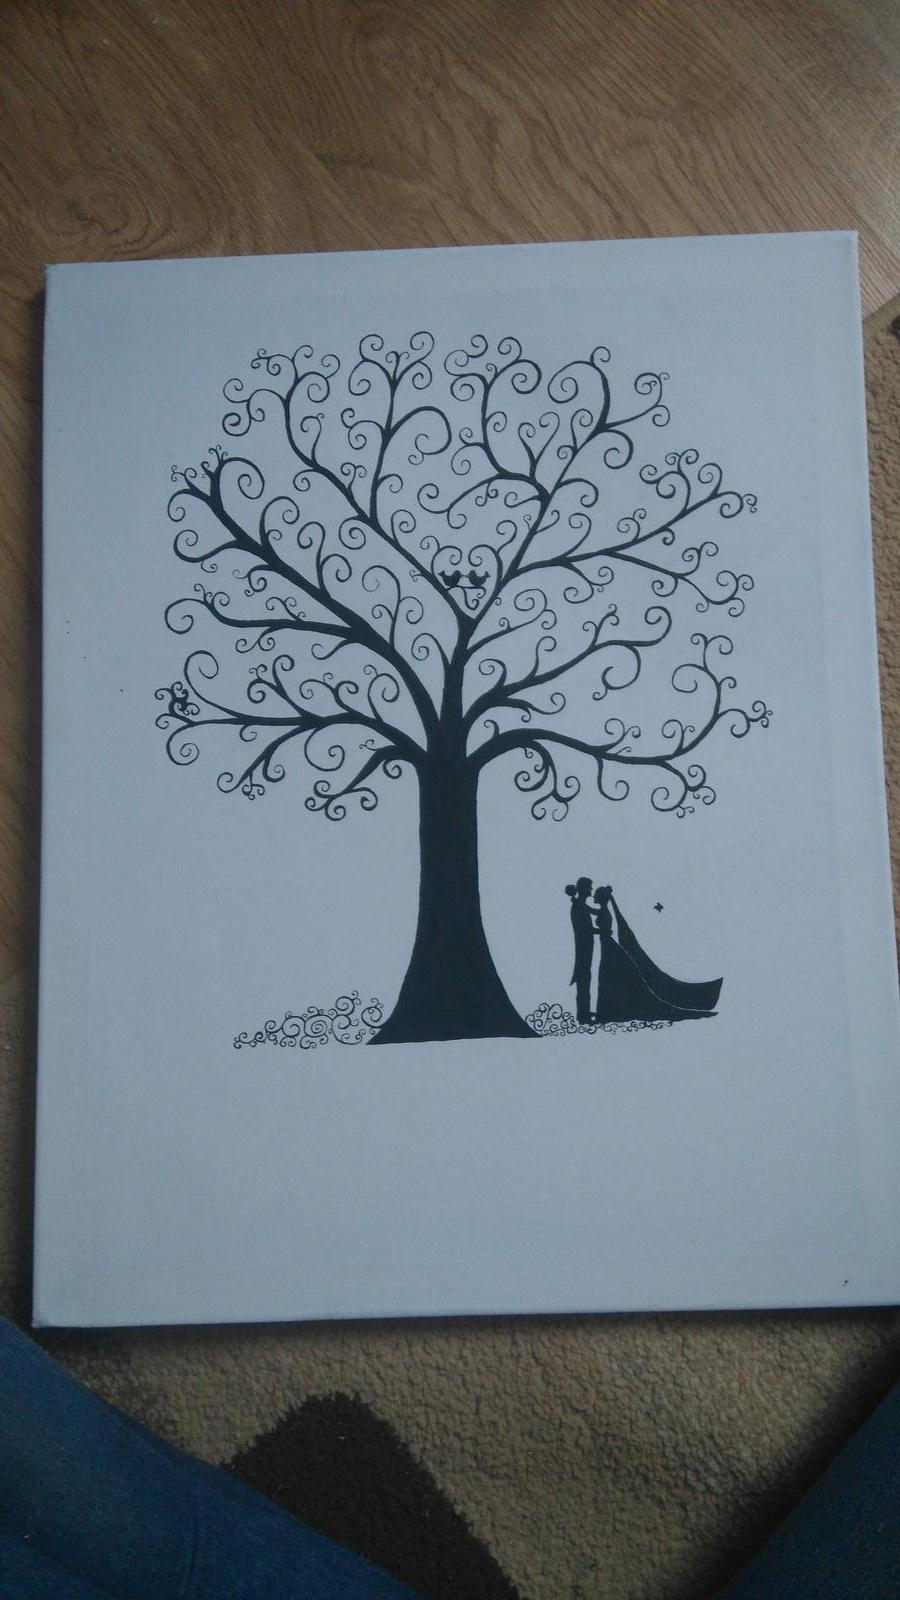 Bude svadba, svadbička :) - Náš svadobný strom práve dokončený